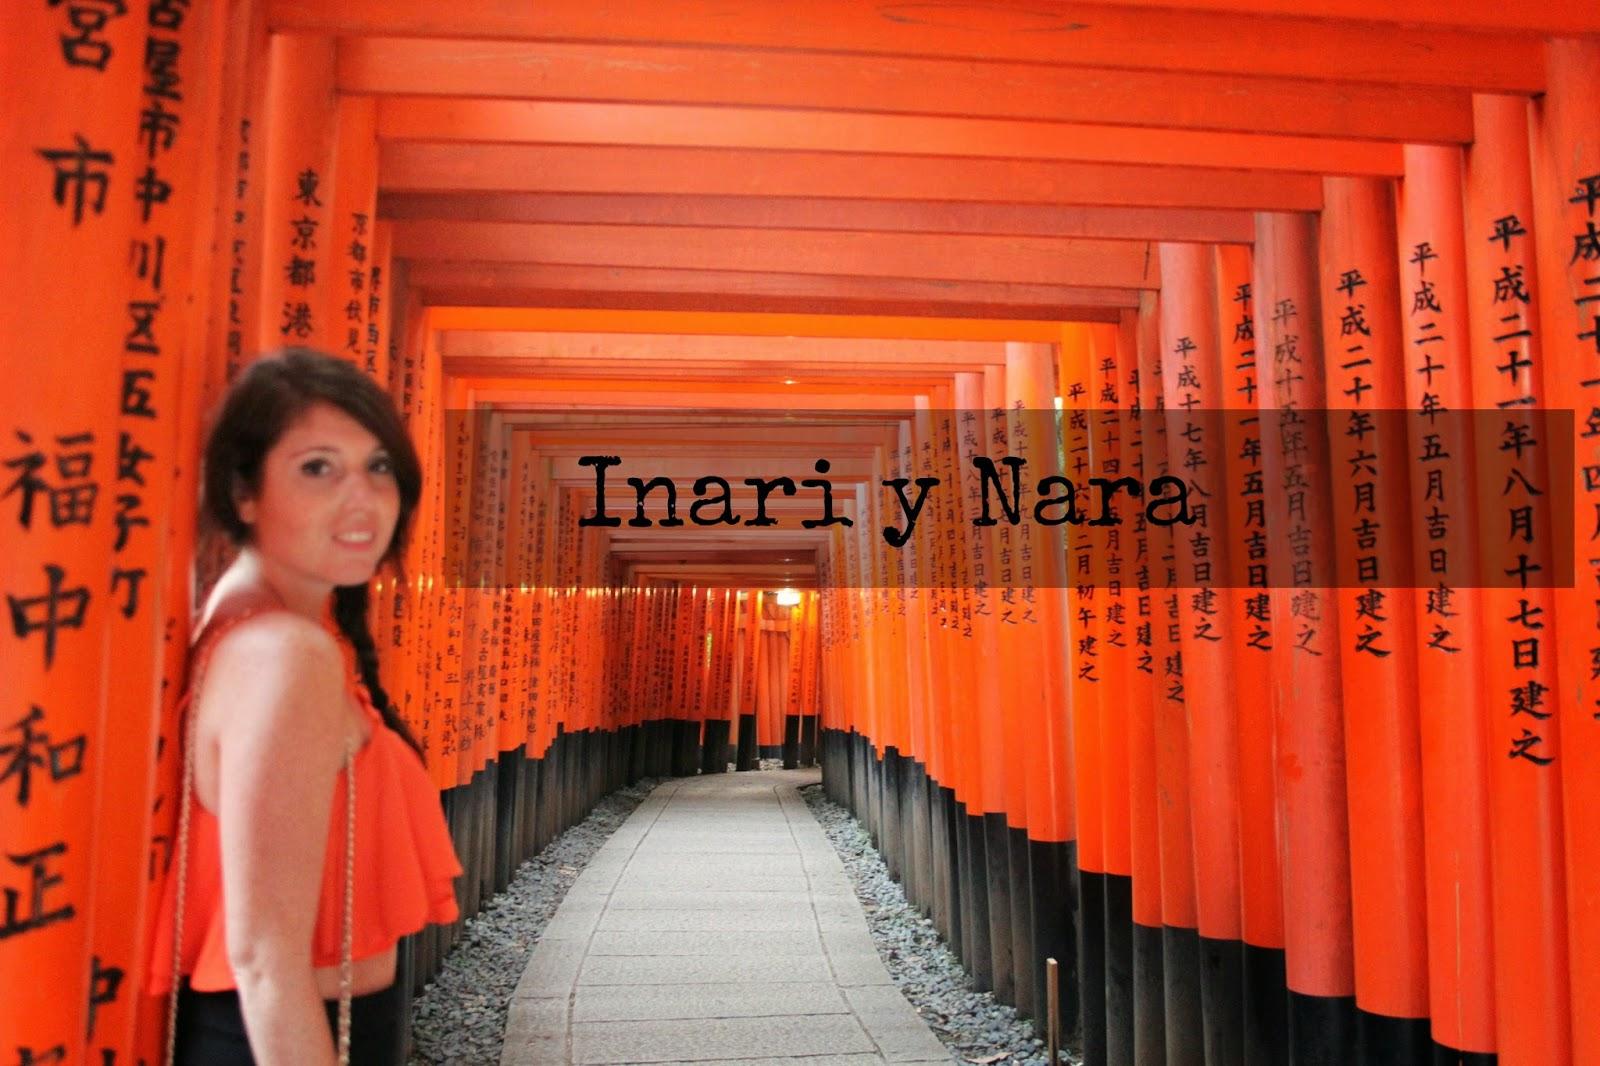 Inari y Nara